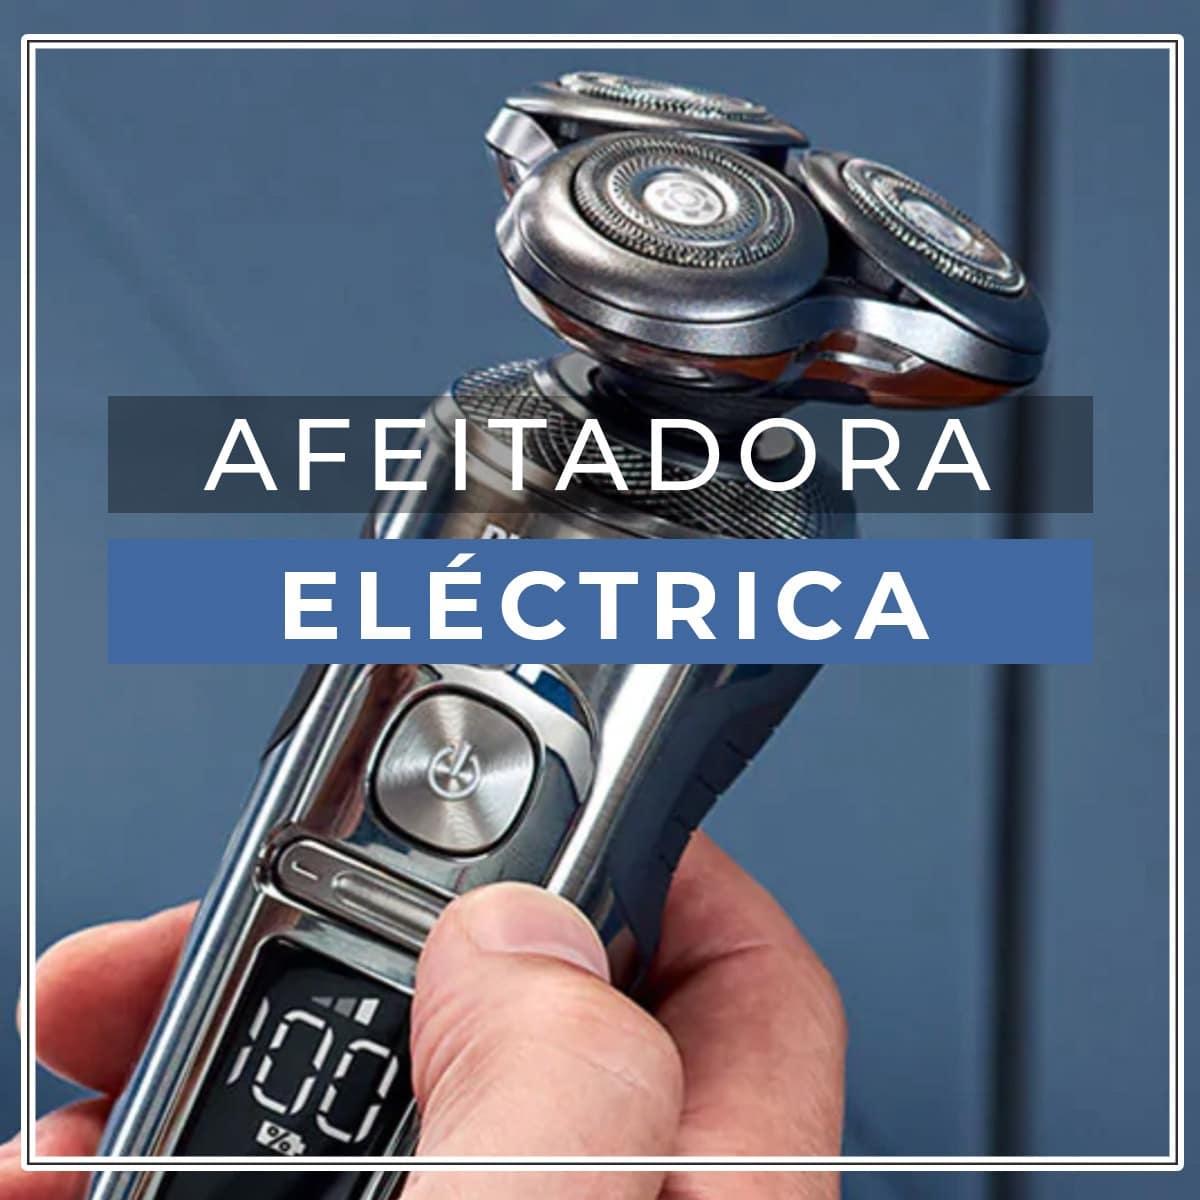 maquina de afeitar electrica